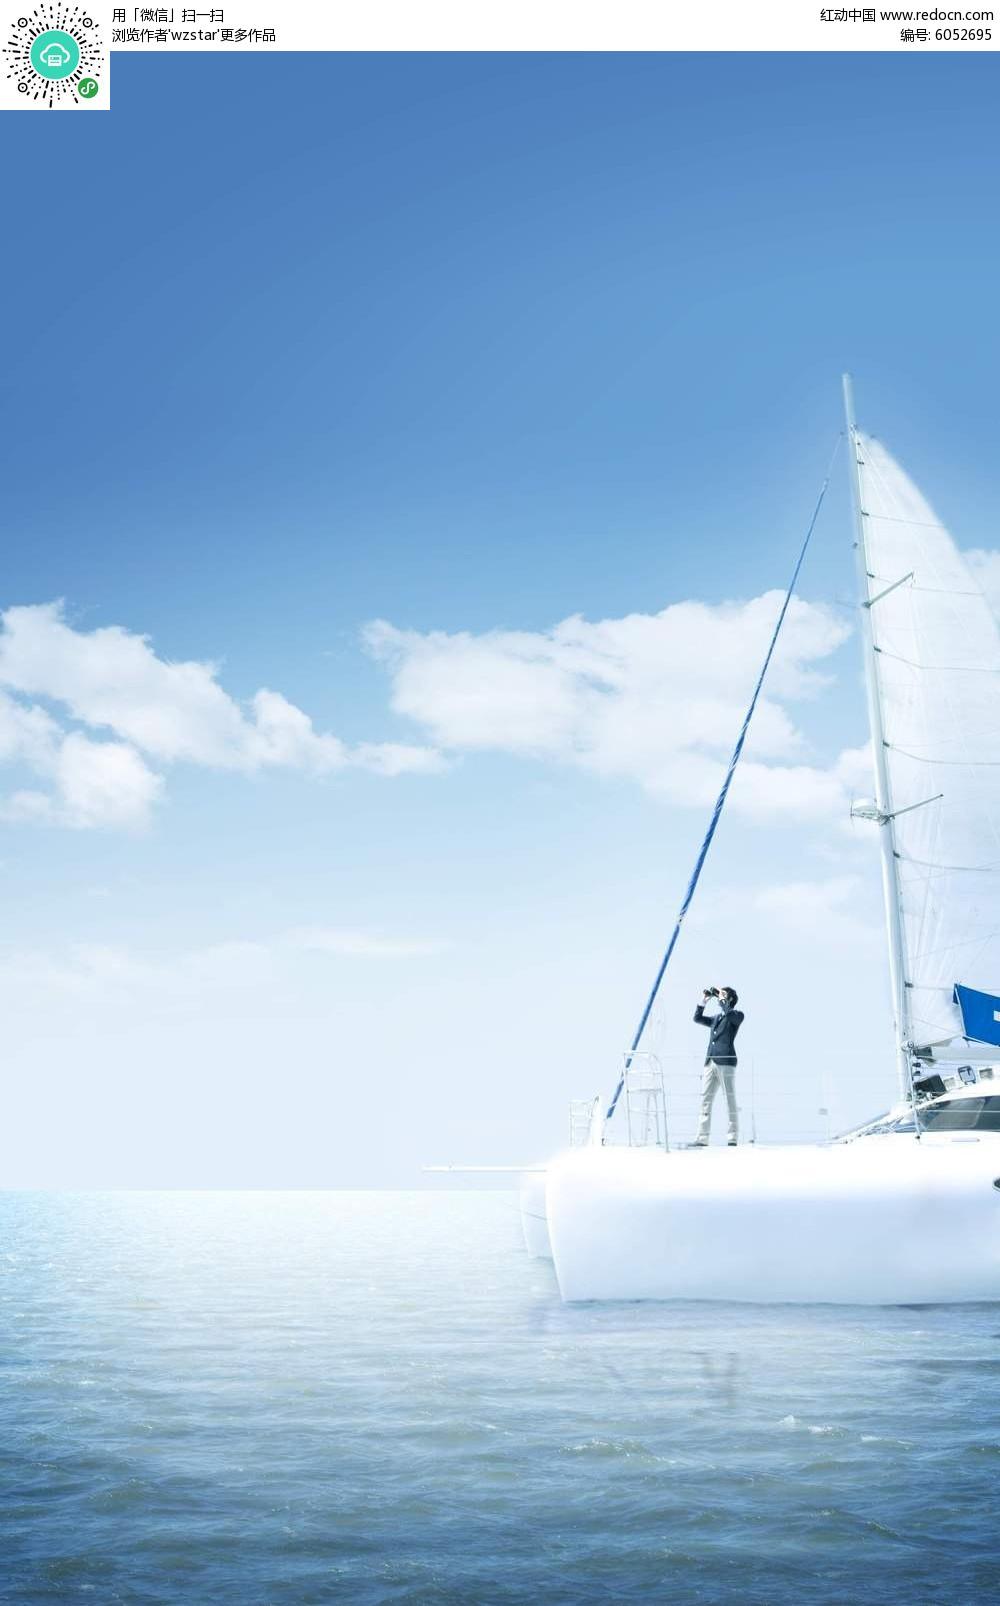 海上眺望商务海报背景素材